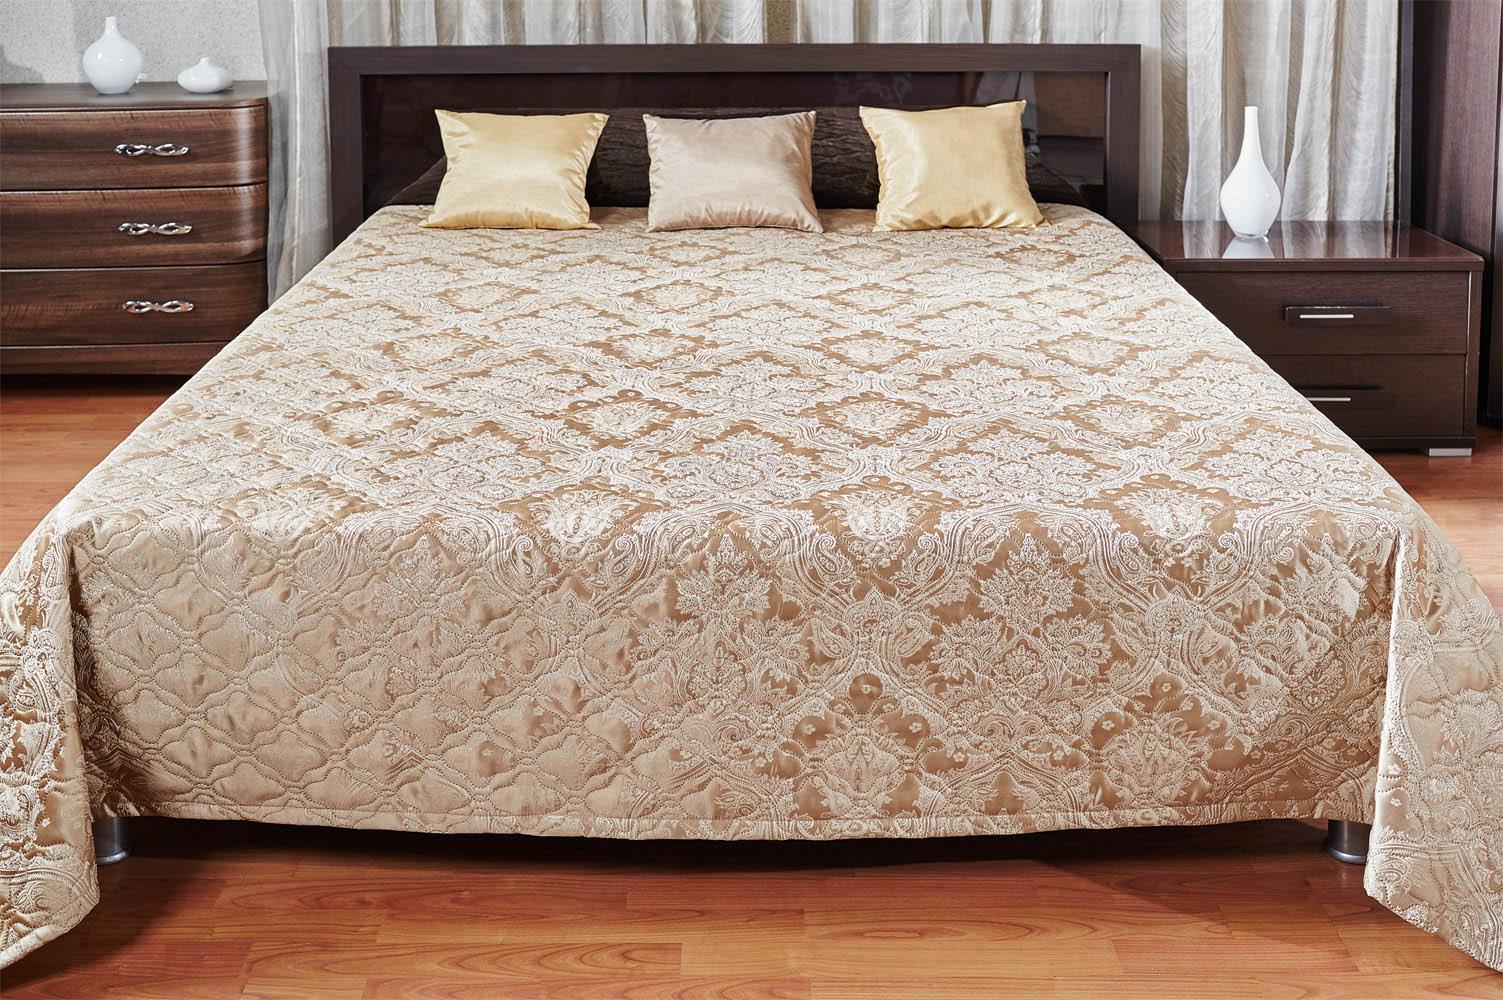 Как красиво заправить кровать. 10 потрясающих идей!